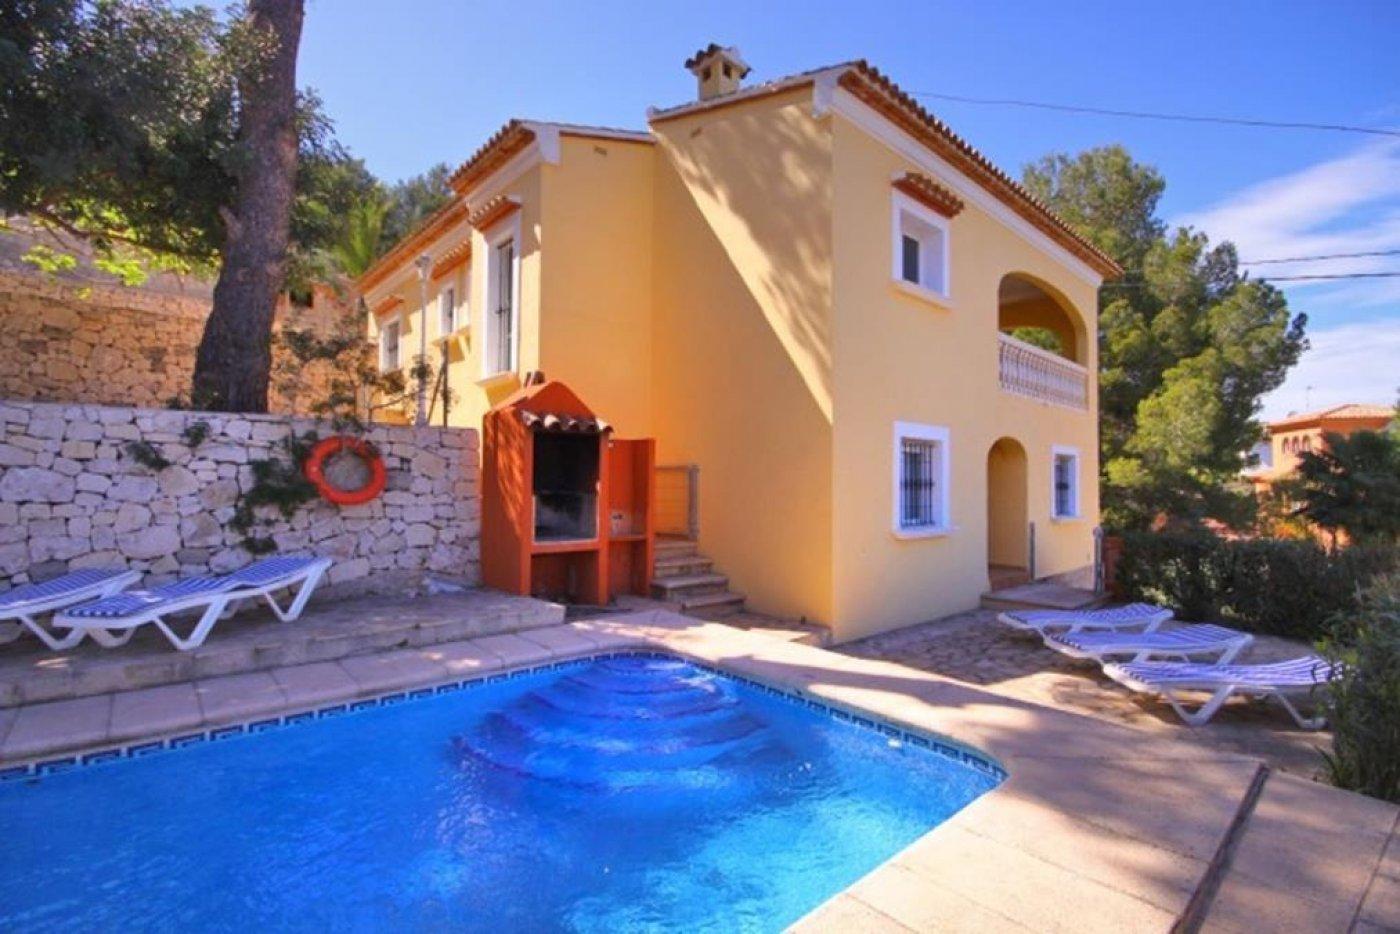 Villa in Jávea - Xàbia Adsubia